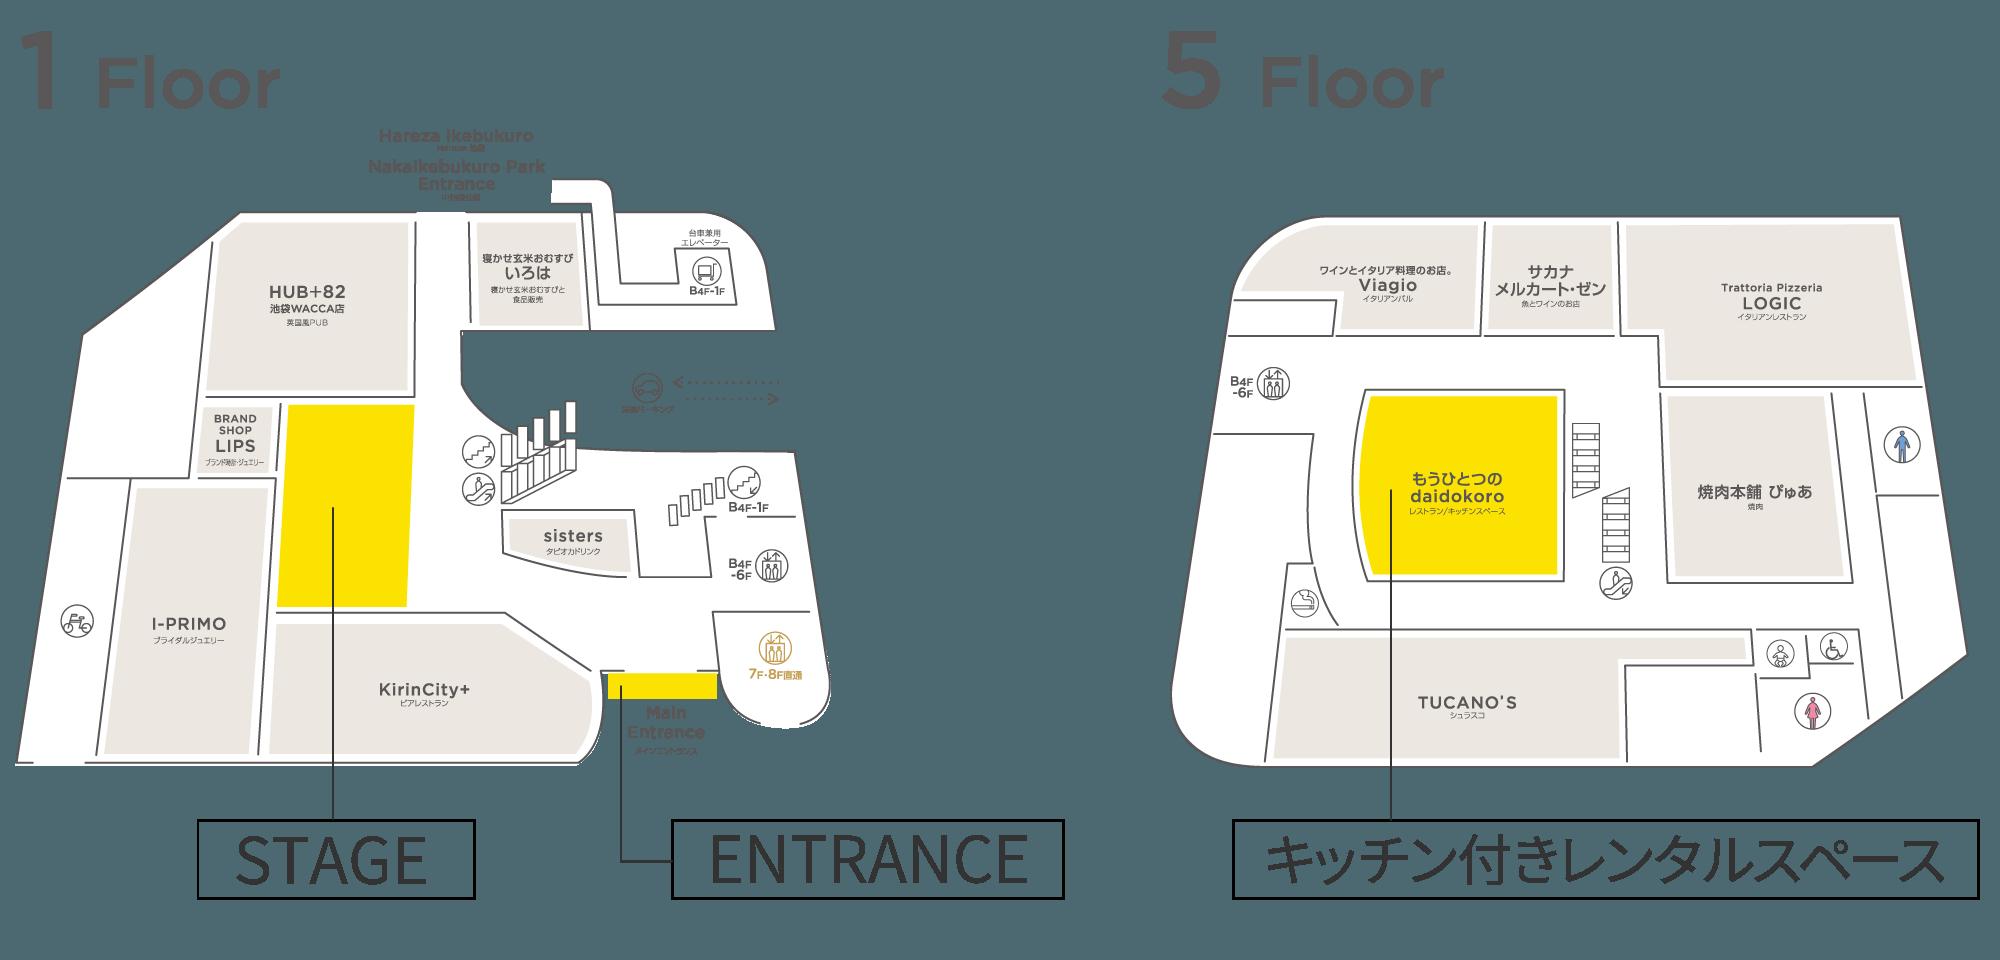 WACCA池袋 1階と5階のフロアマップ